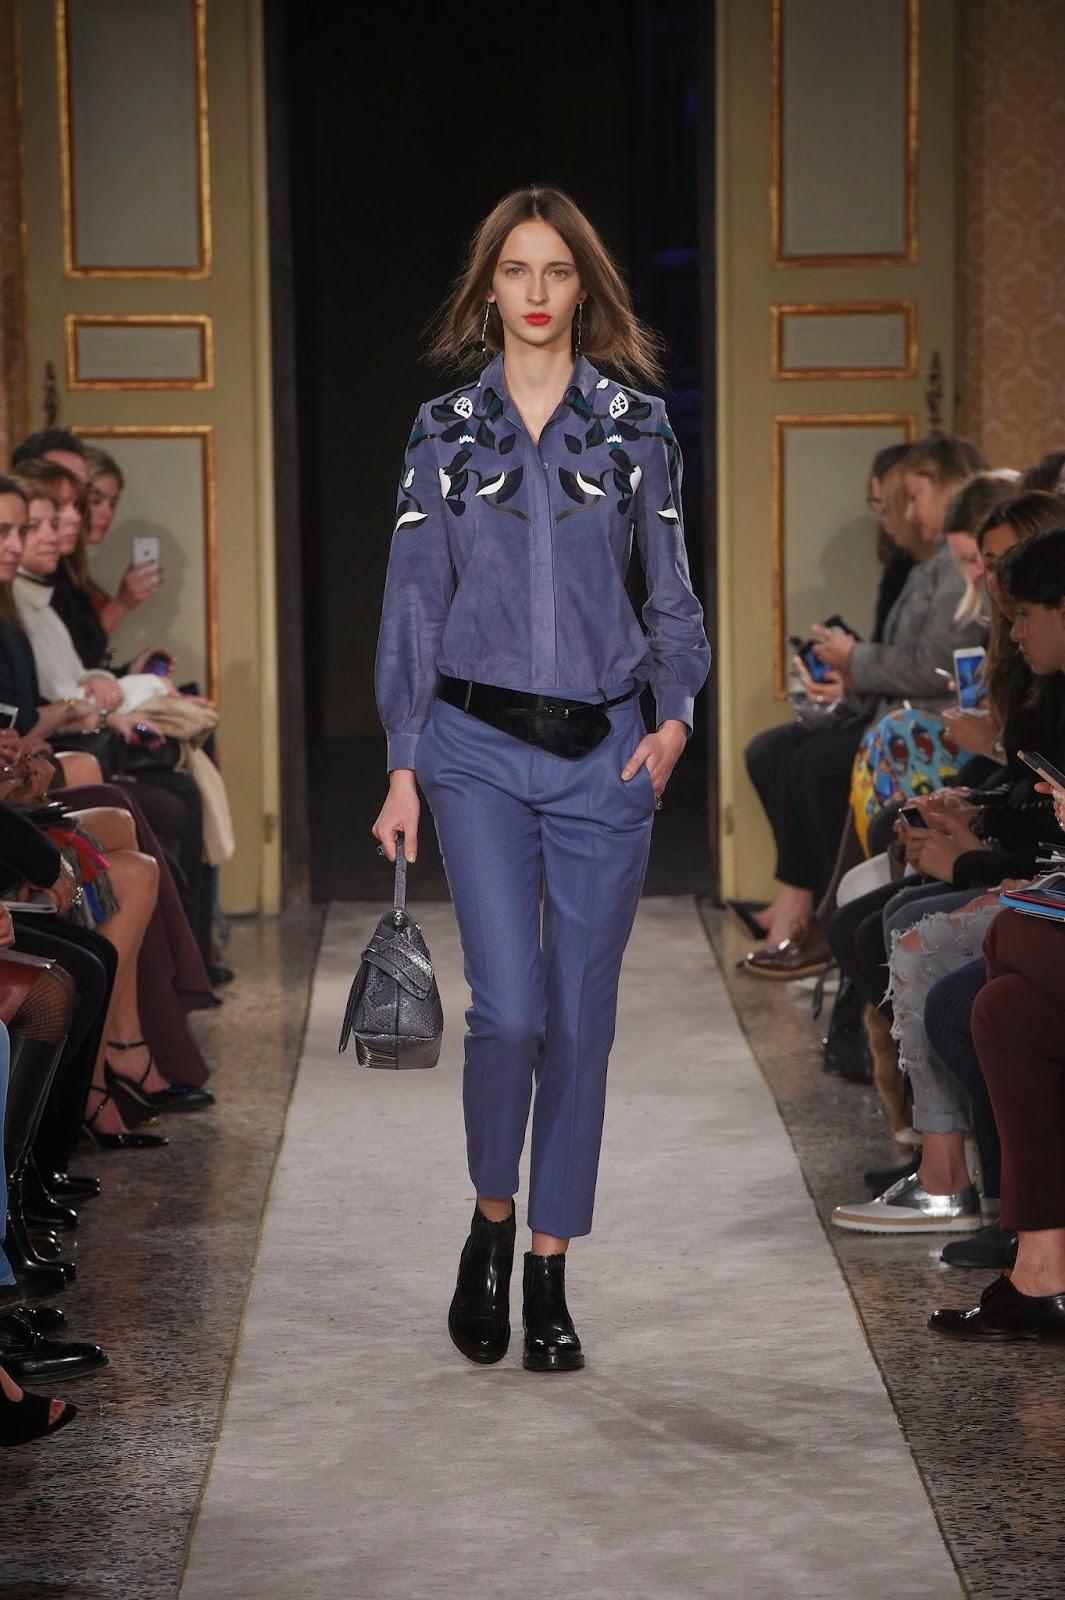 Fashionweek Milano 2015_20